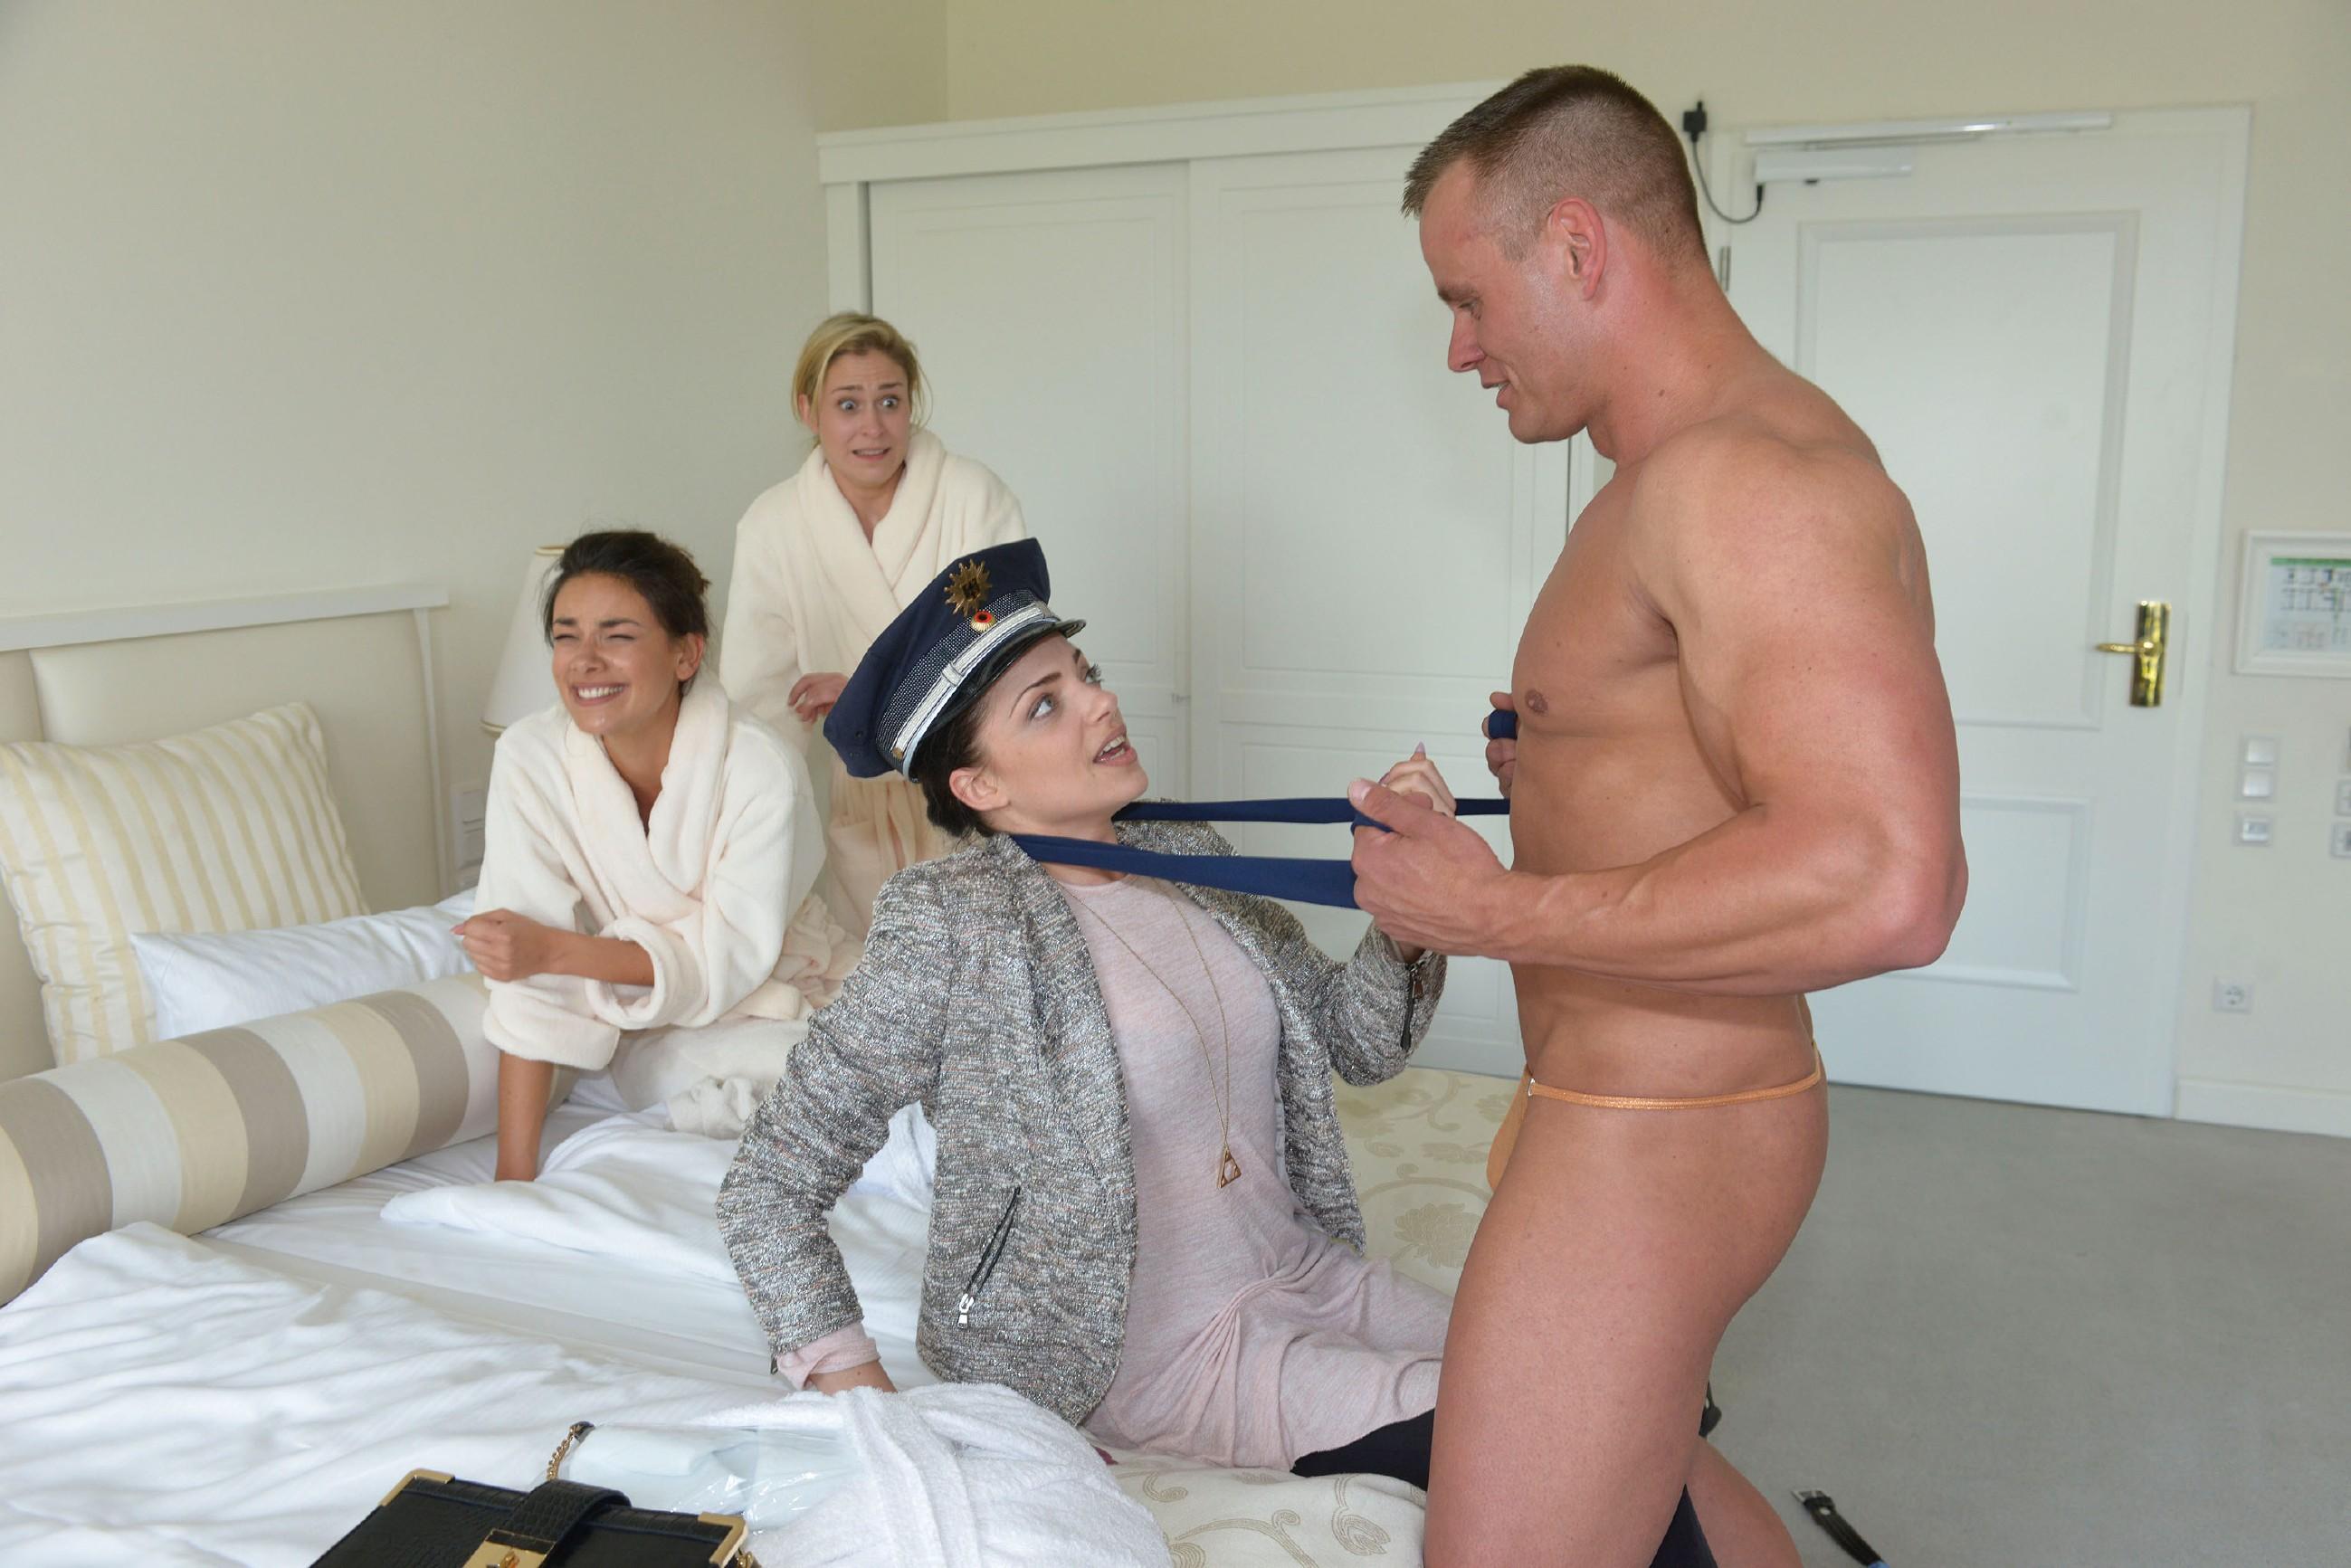 """Vergnügt amüsieren sich die drei """"Tussis"""" Jasmin (Janina Uhse, l.), Sophie (Lea Marlen Woitack, 2.v.l.) und Emily (Anne Menden) mit dem sexy Stripper (Komparse) und haben dabei noch eine bahnbrechende Geschäftsidee... (Quelle: RTL / Rolf Baumgartner)"""